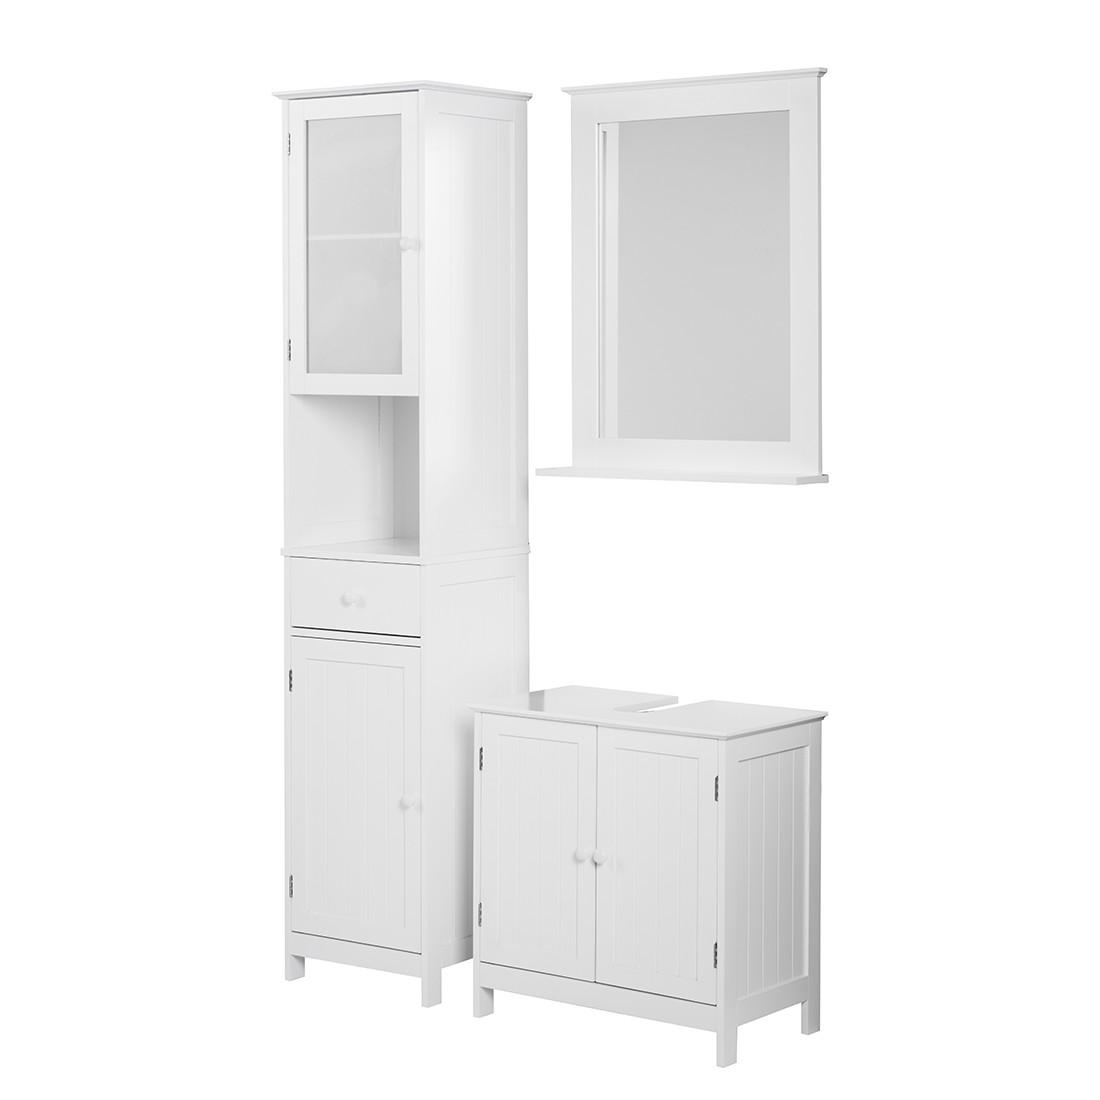 Ensemble Turin - Blanc - 3 éléments : meuble lavabo, armoire à miroir, armoire haute, California